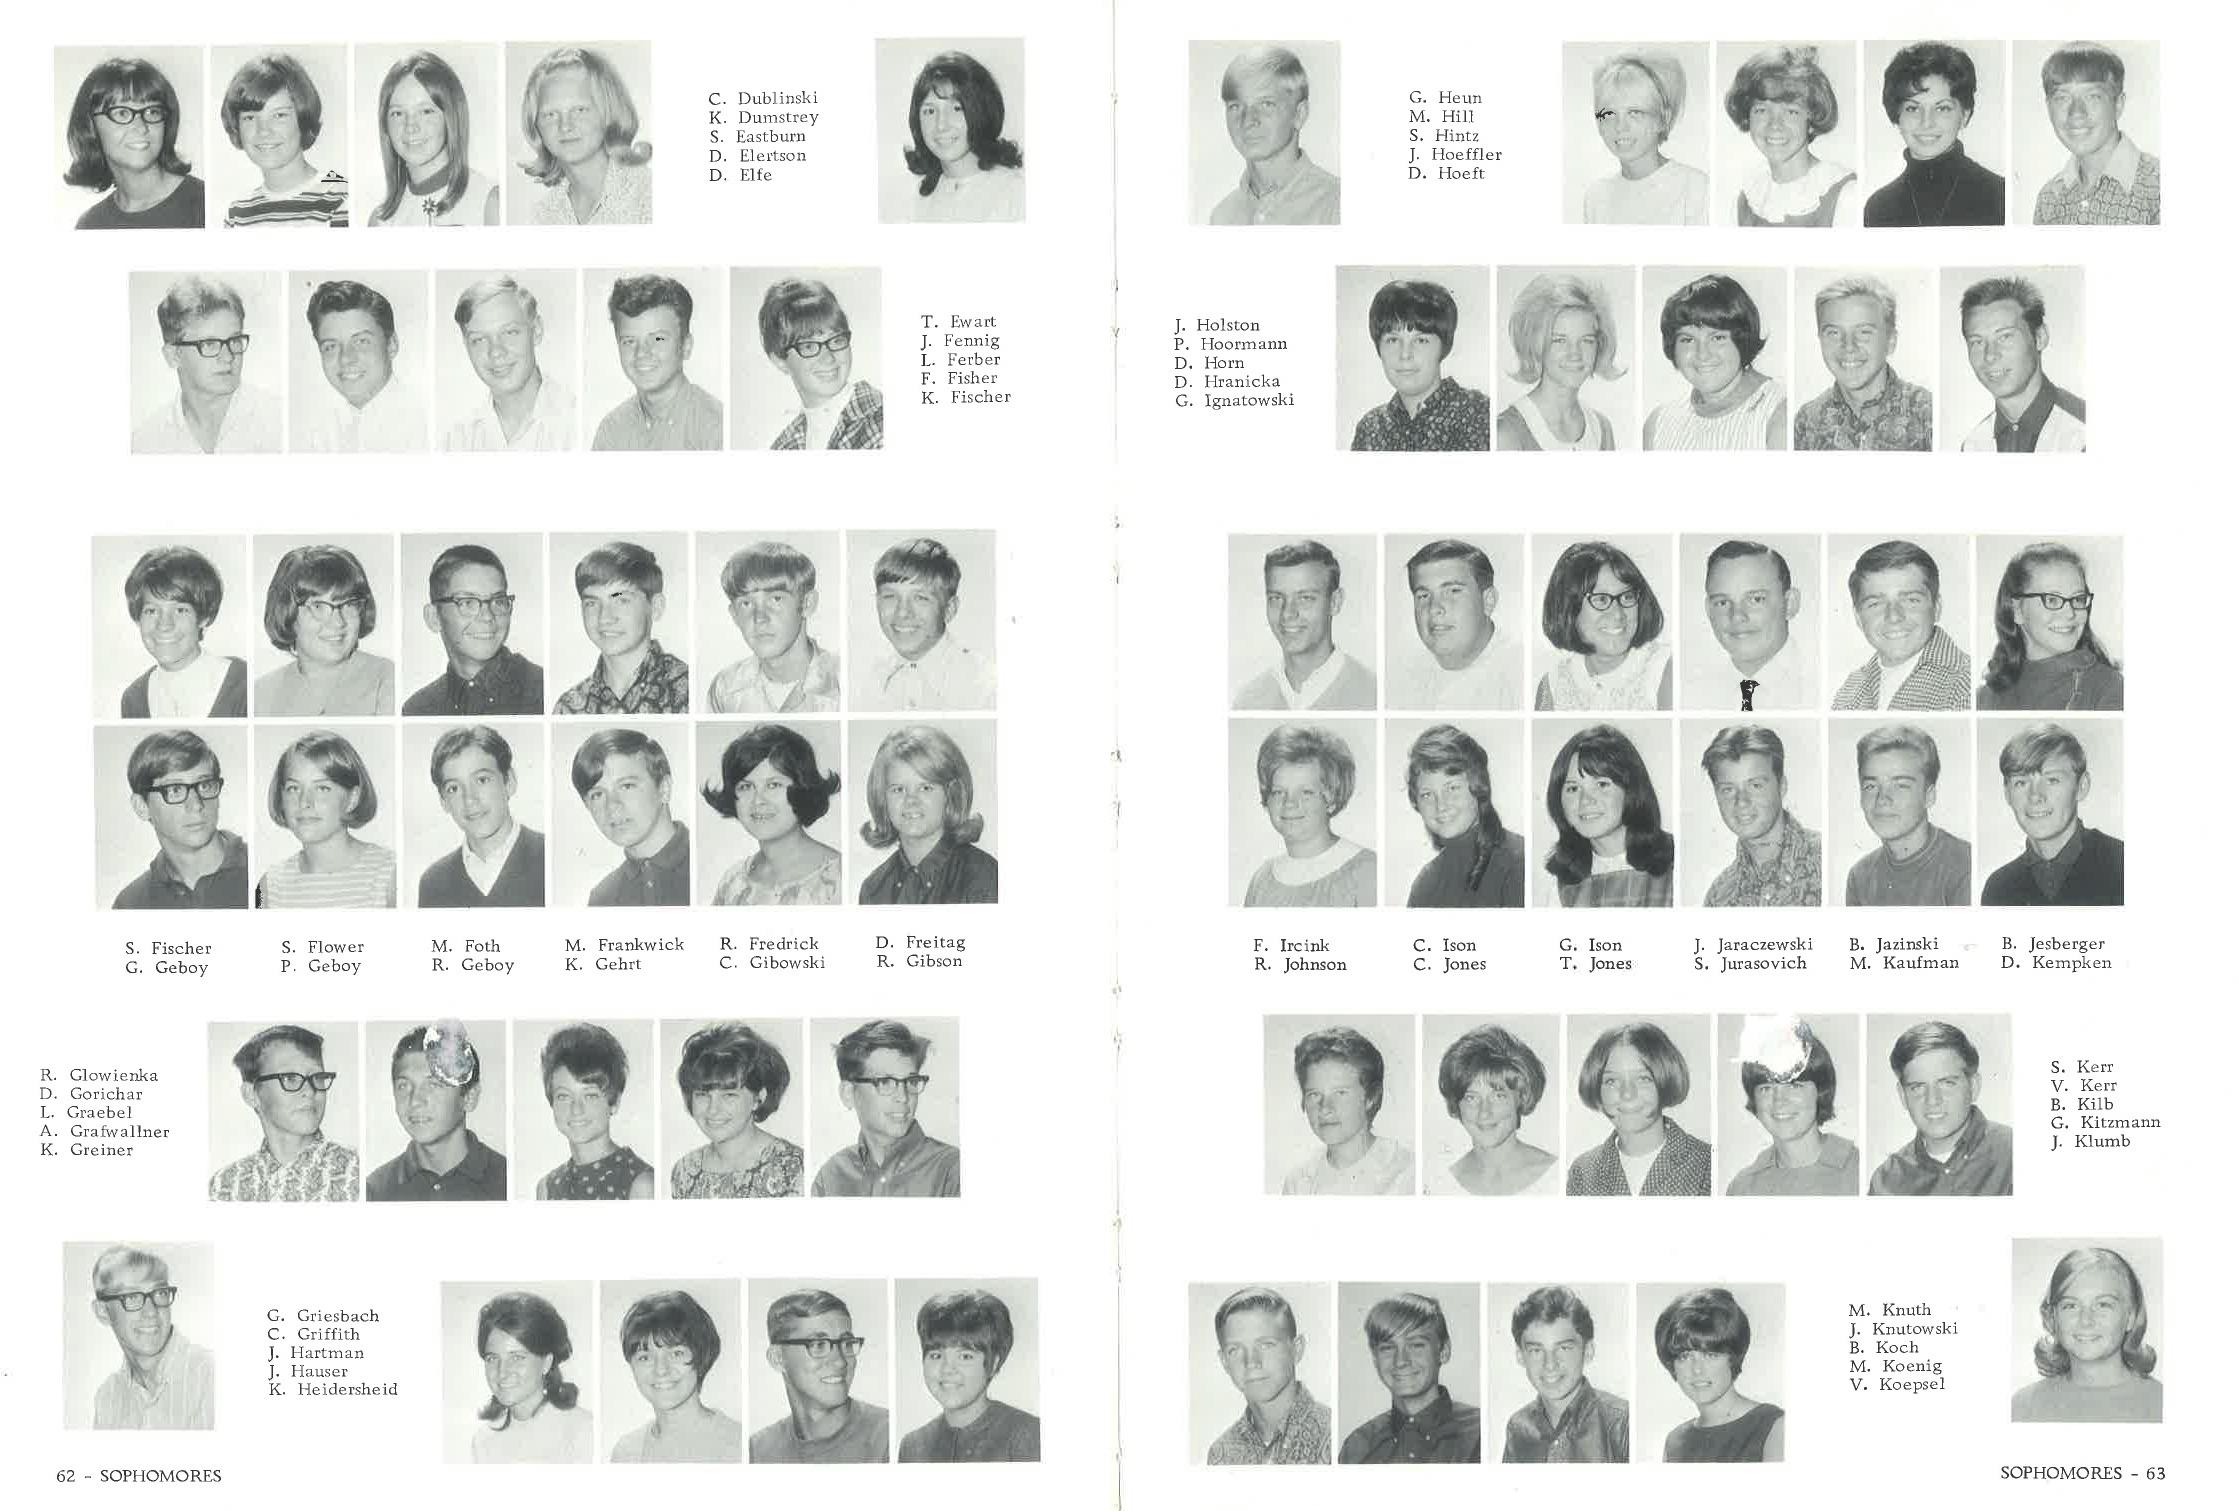 1968_Yearbook_32.jpg